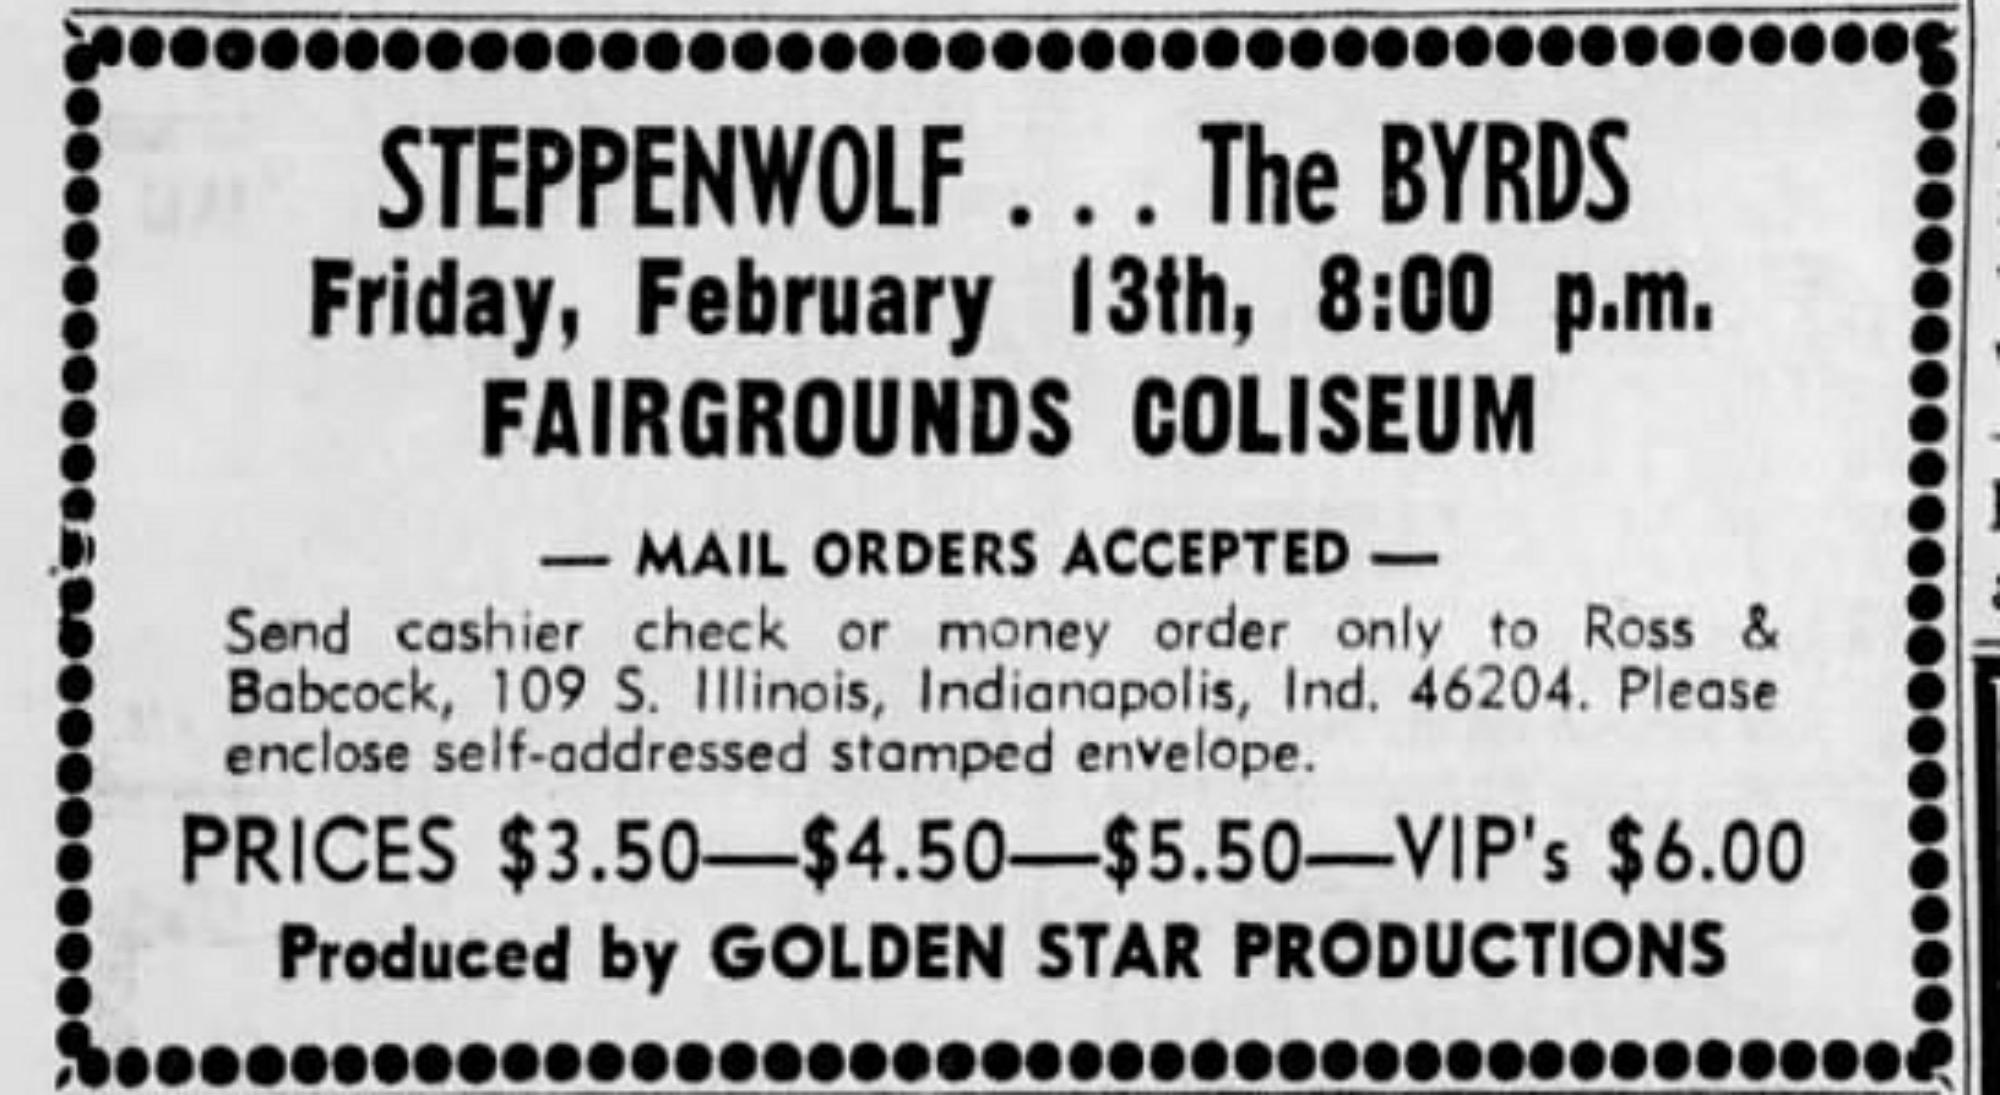 February 13, 1970 Indiana State Fair Coliseum, Indianapolis